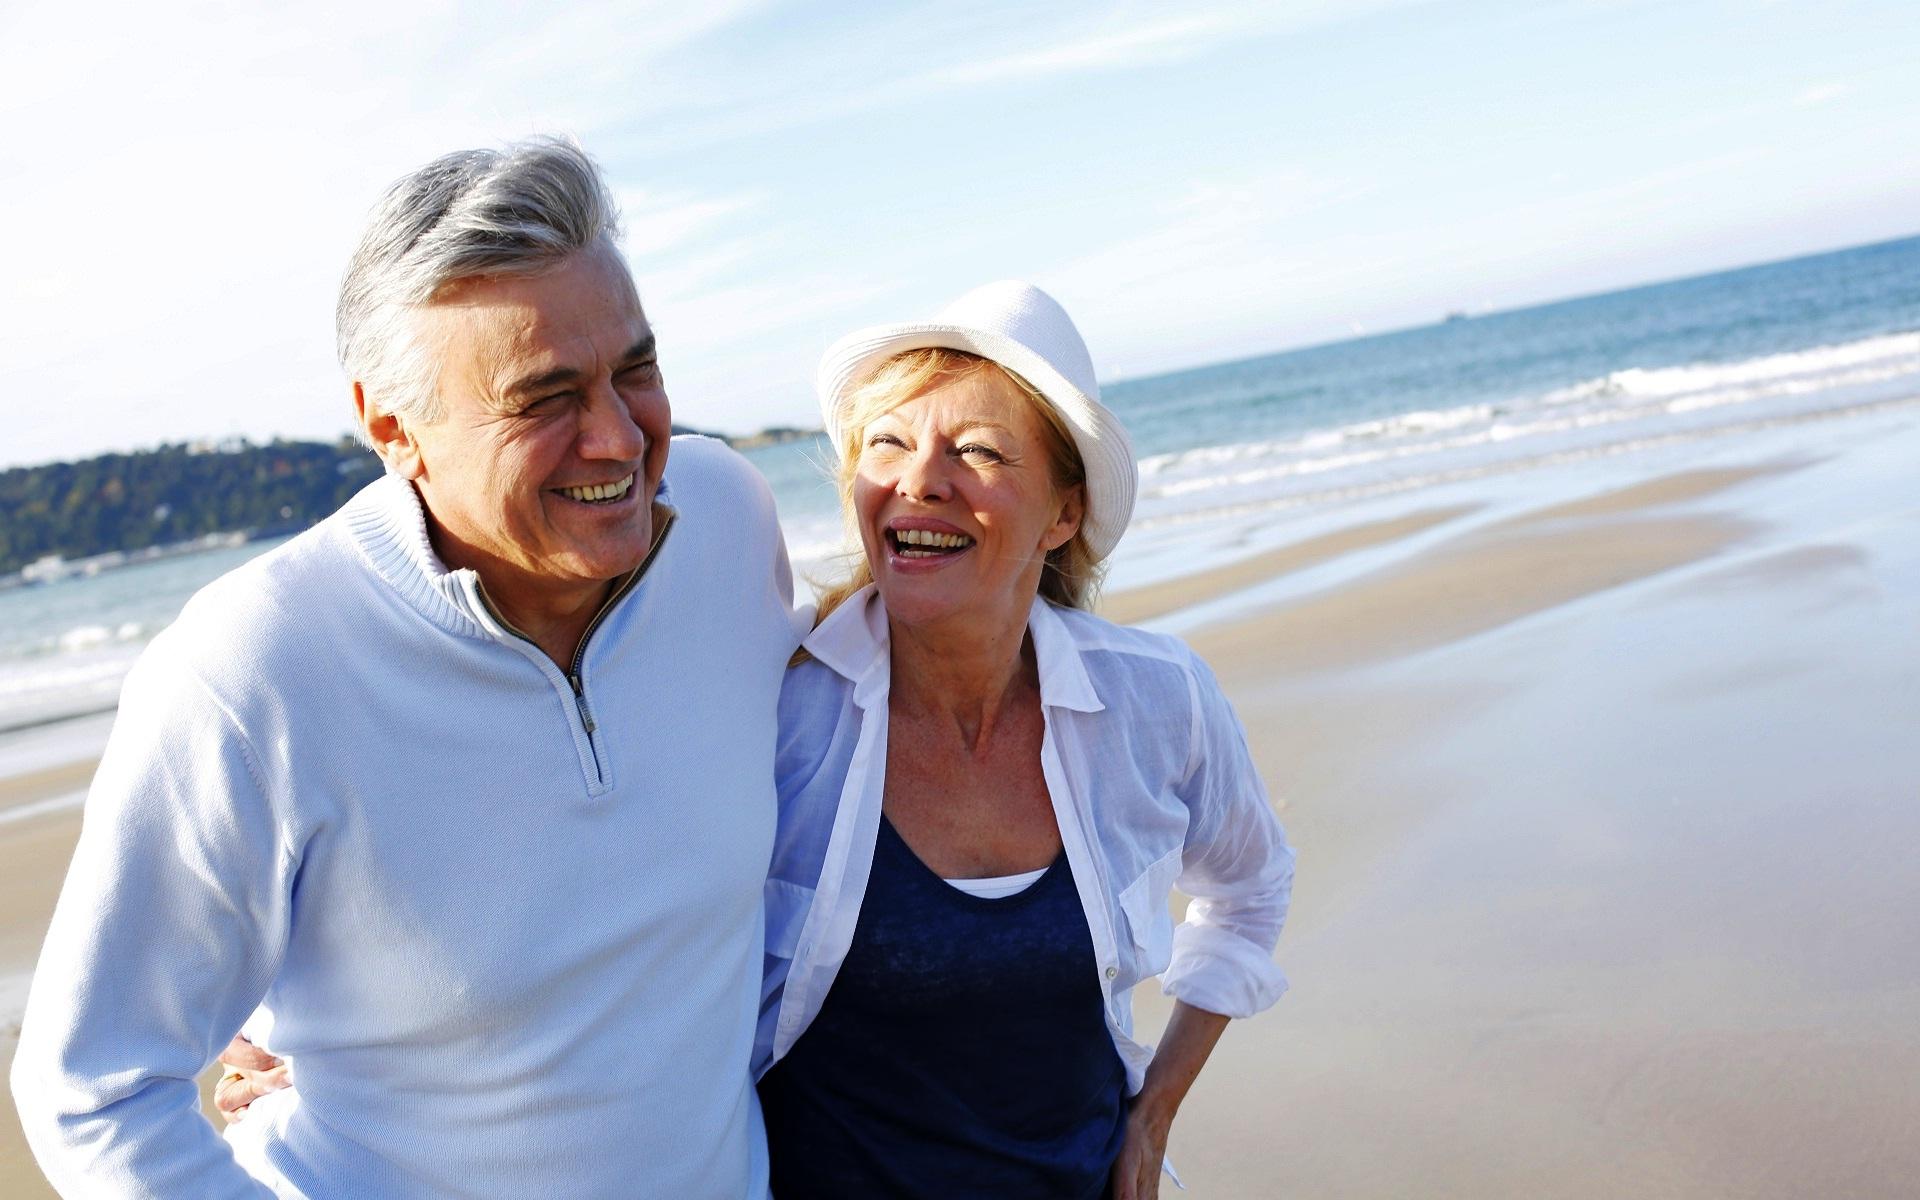 داشتن همسر شاد برای سلامتی شما مناسب است